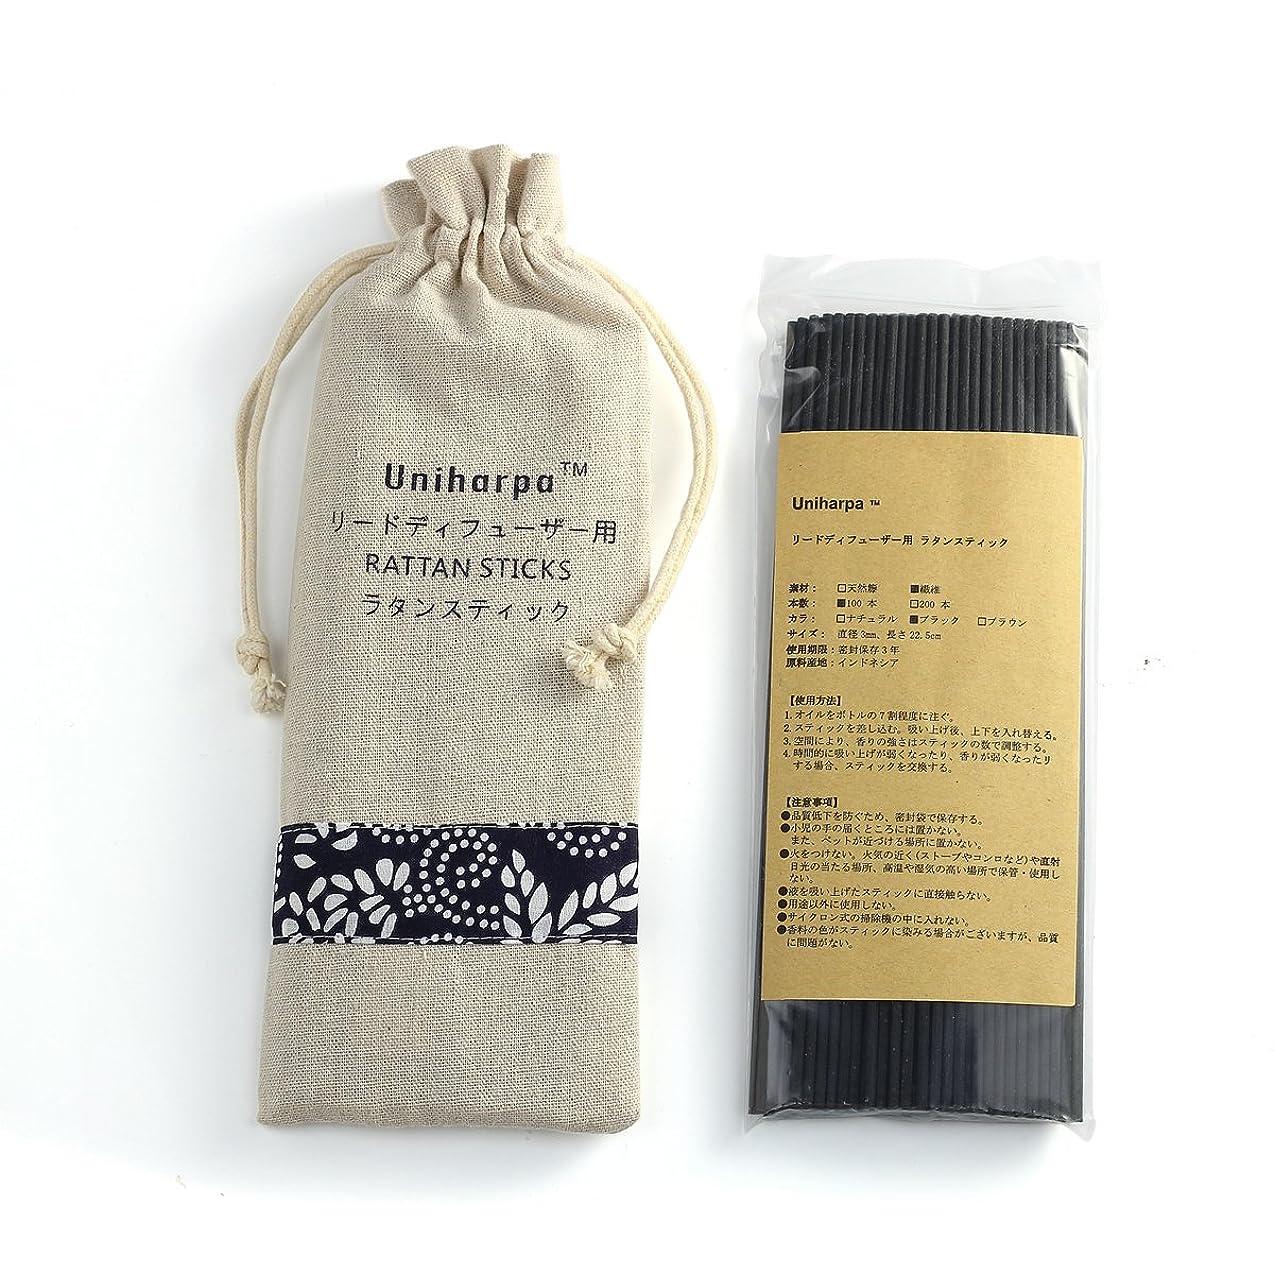 日光蒸し器甲虫リードディフューザー用 ラタンスティック/リードスティック リフィル 繊維素材 22.5cm 直径3mm 100本入 乾燥剤入り オリジナル旅行専用袋付 (ブラック)